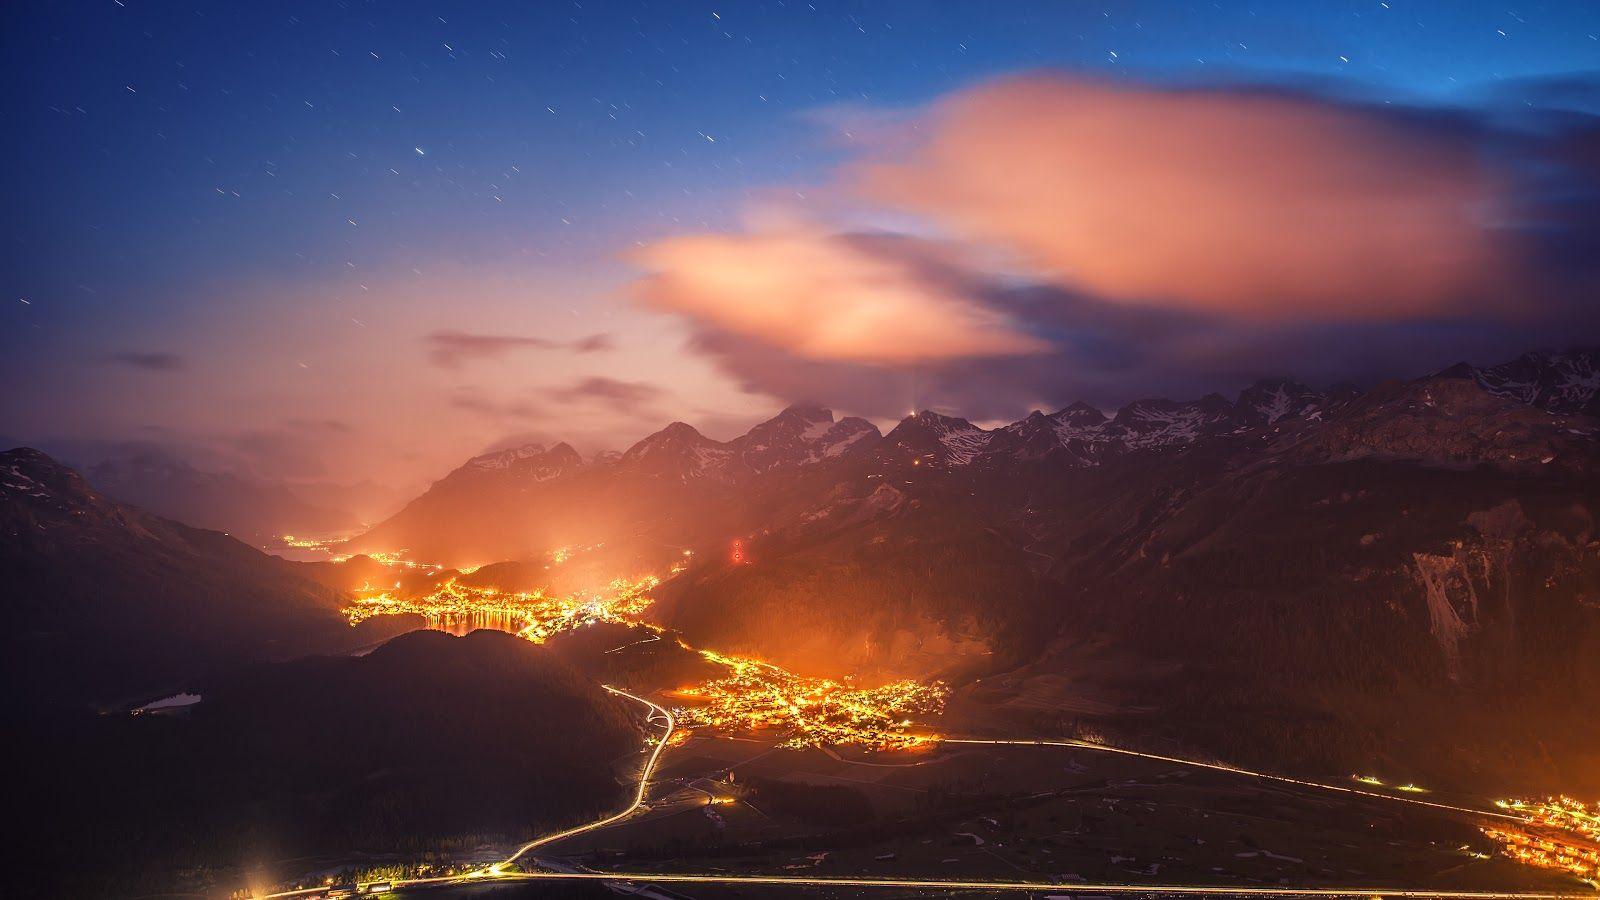 خلفيات طبيعية عالية الجودة 4k Ultra Hd Tecnologis Night Sky Wallpaper Landscape Wallpaper Full Hd Wallpaper